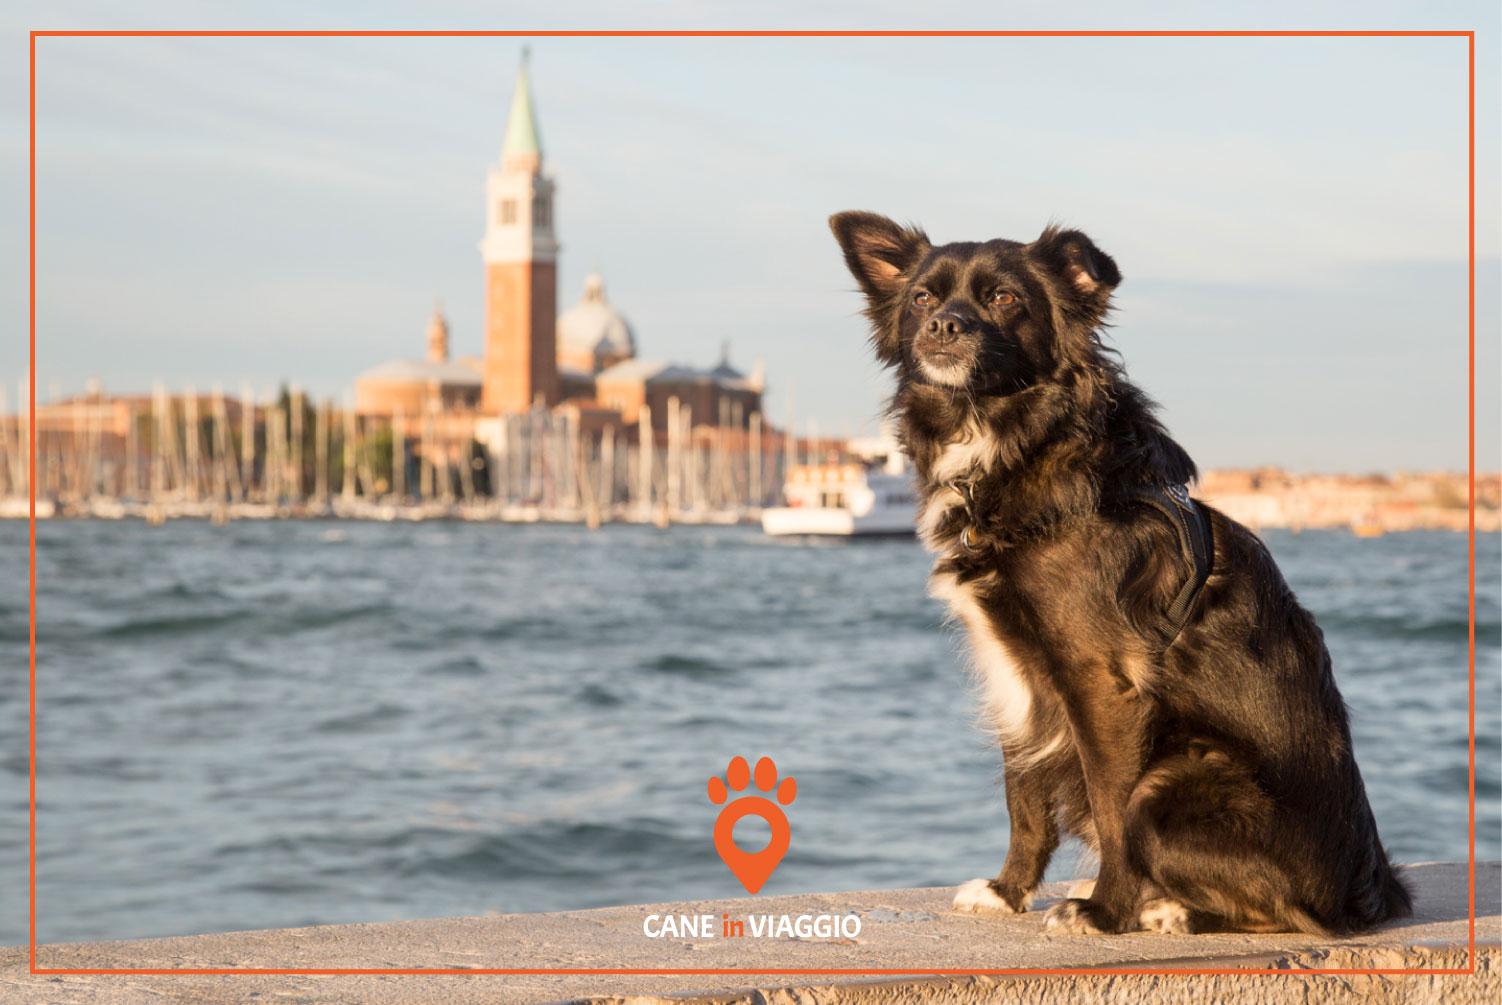 cane e città di venezia sullo sfondo